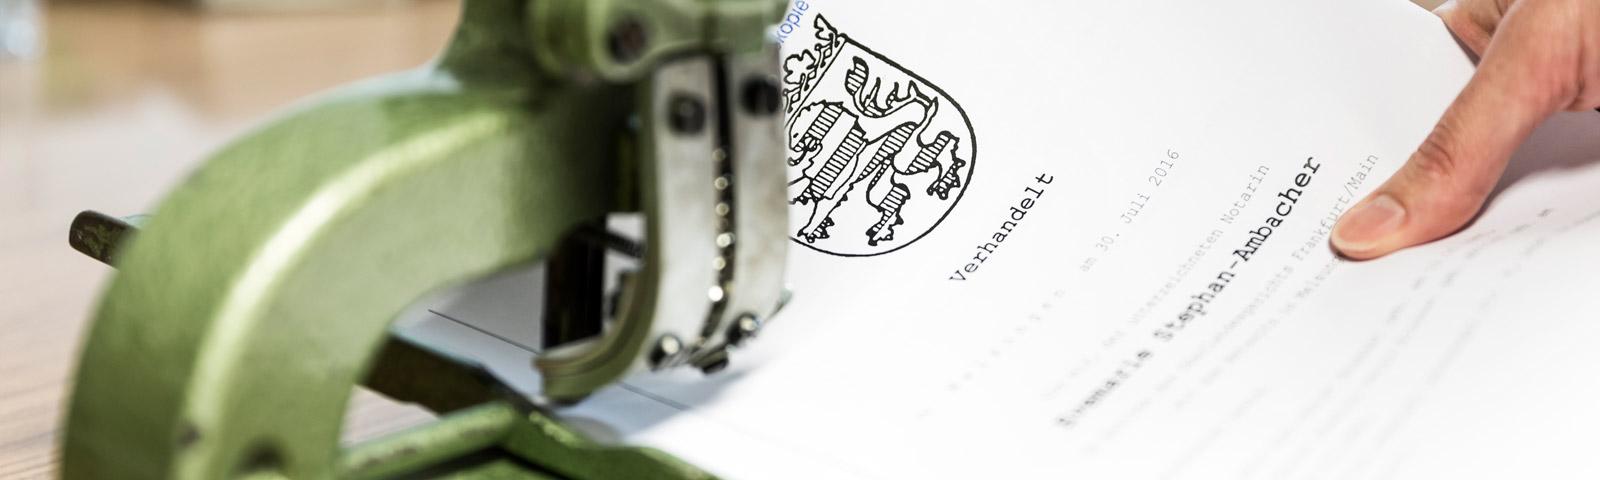 Urkunde mit Hefter - Kanzleihistorie Weigand - Stephan-Ambacher